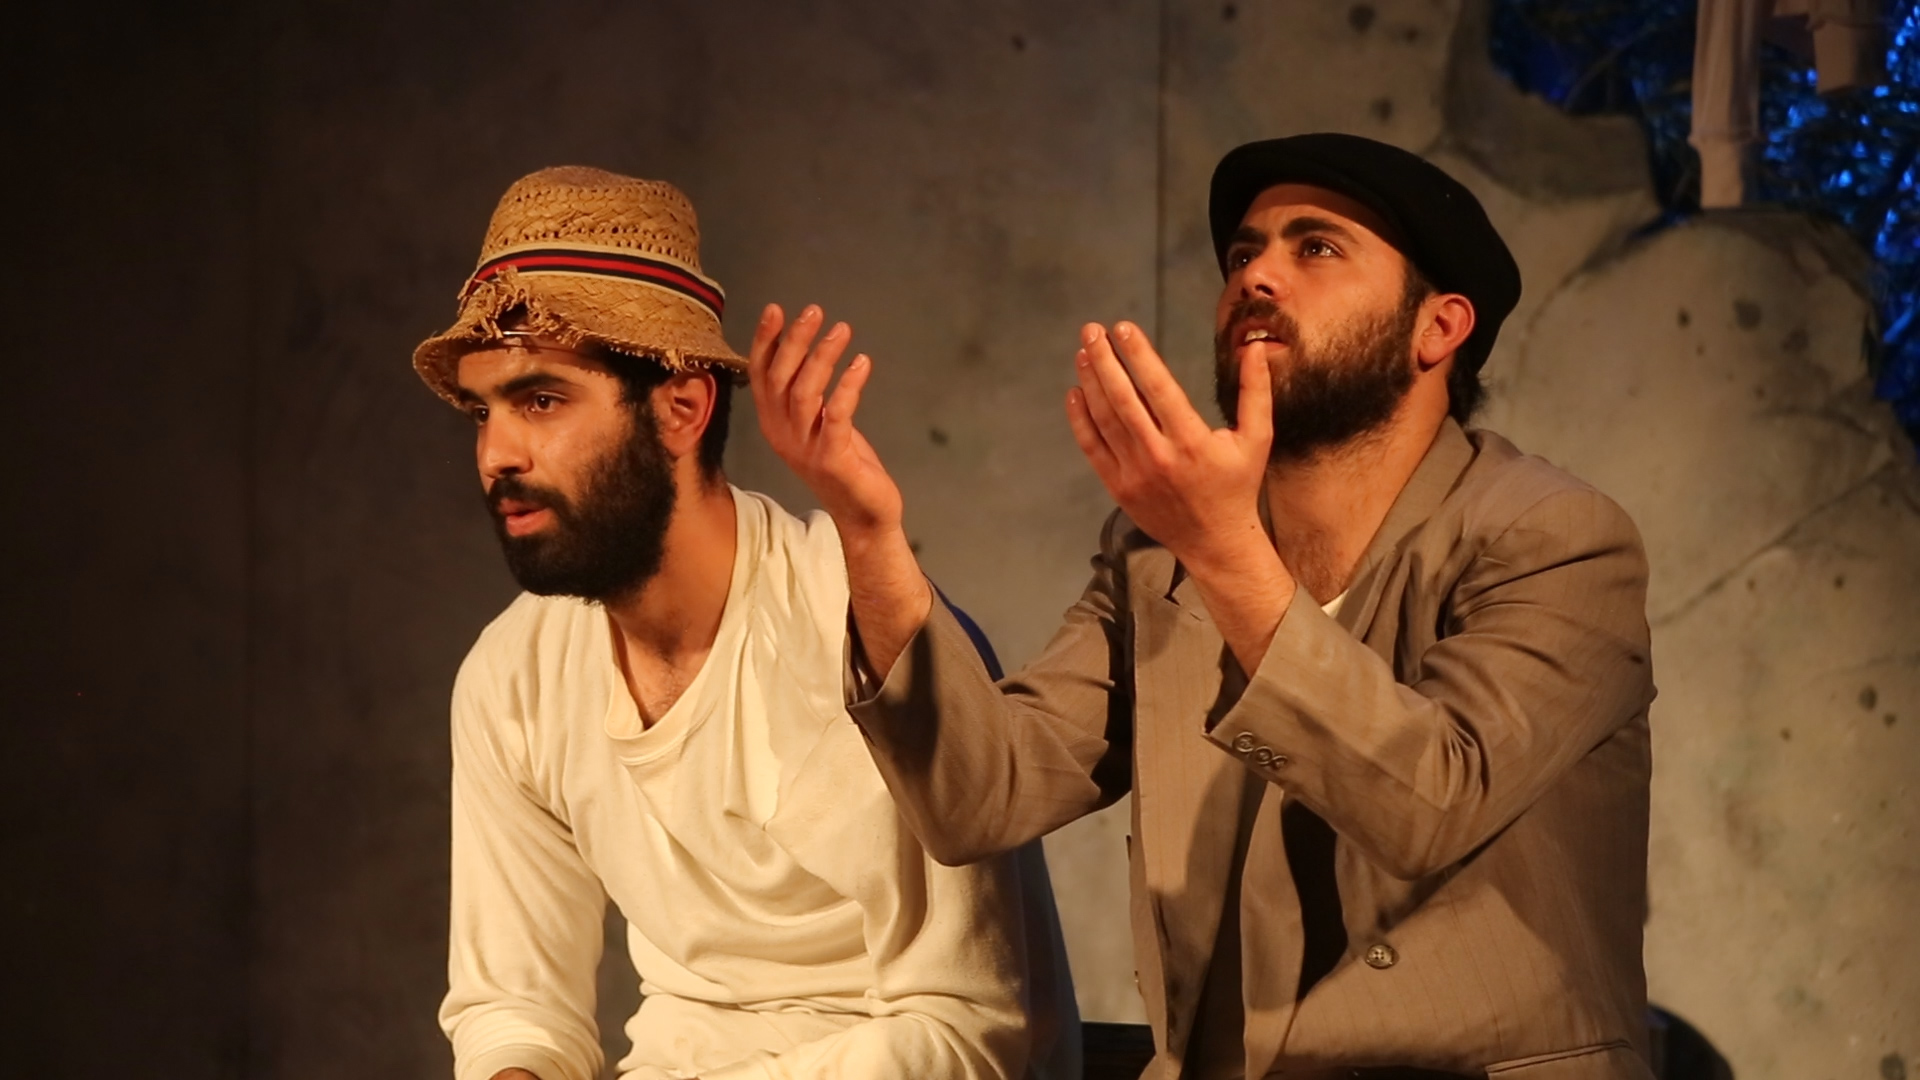 Waiting for Faraj Allah - A film by Nidal Badarni